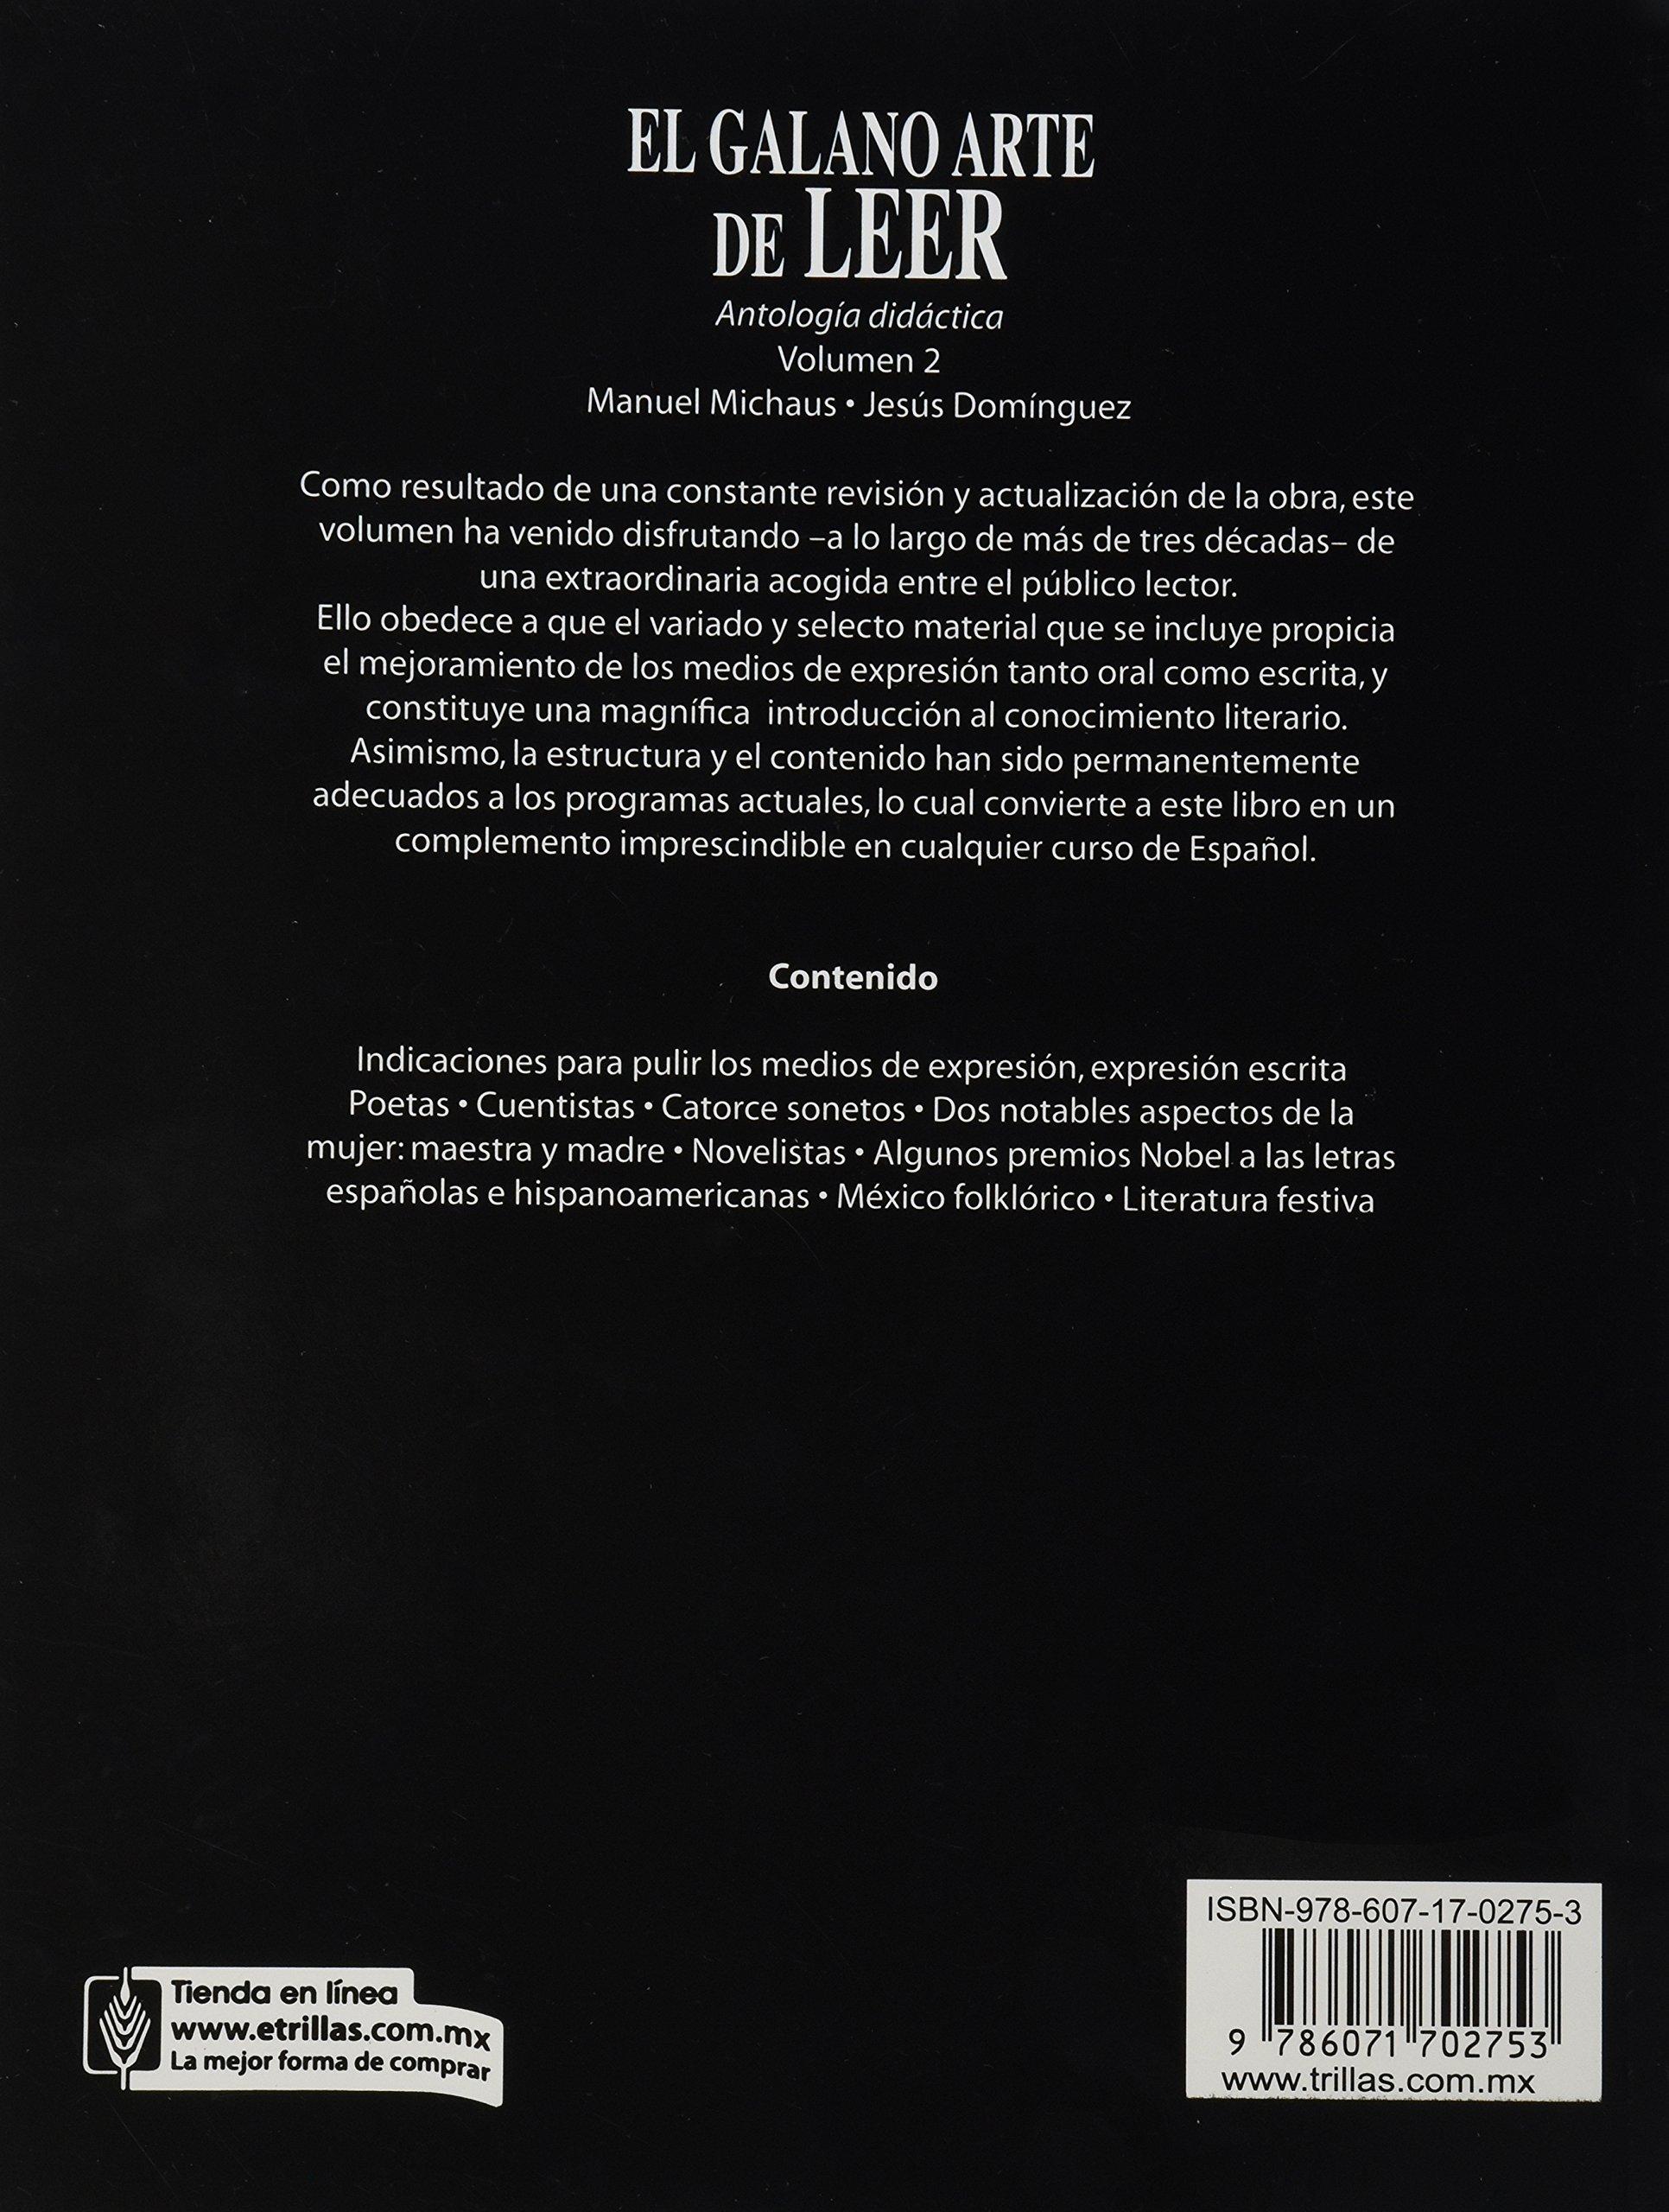 El Galano Arte De Leer Volumen 1 Ebook Download